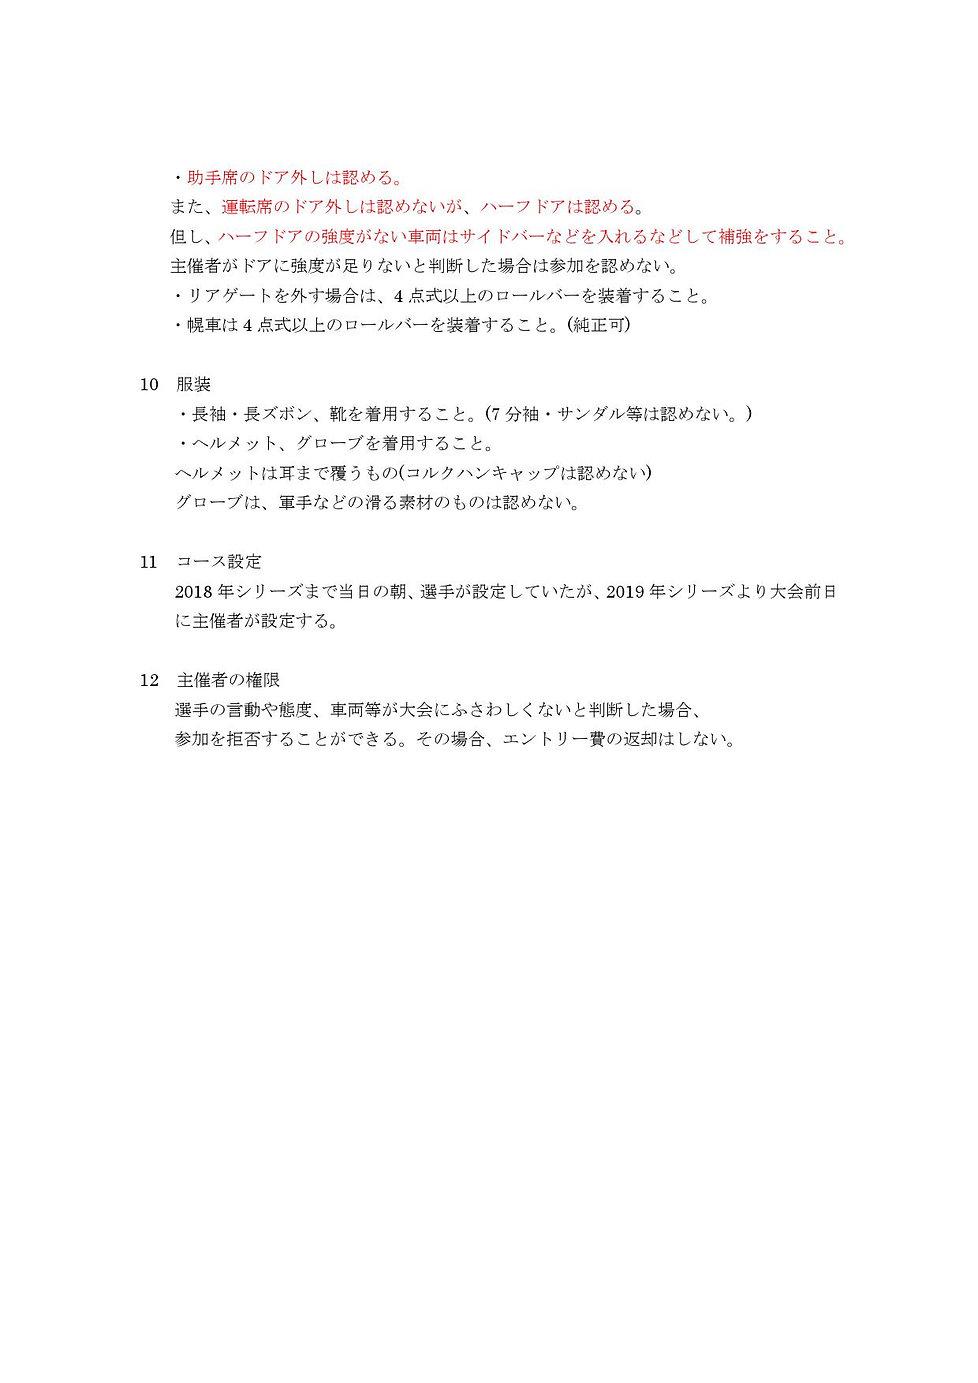 九州サムクライムトライアル協議規則書_000003.jpg